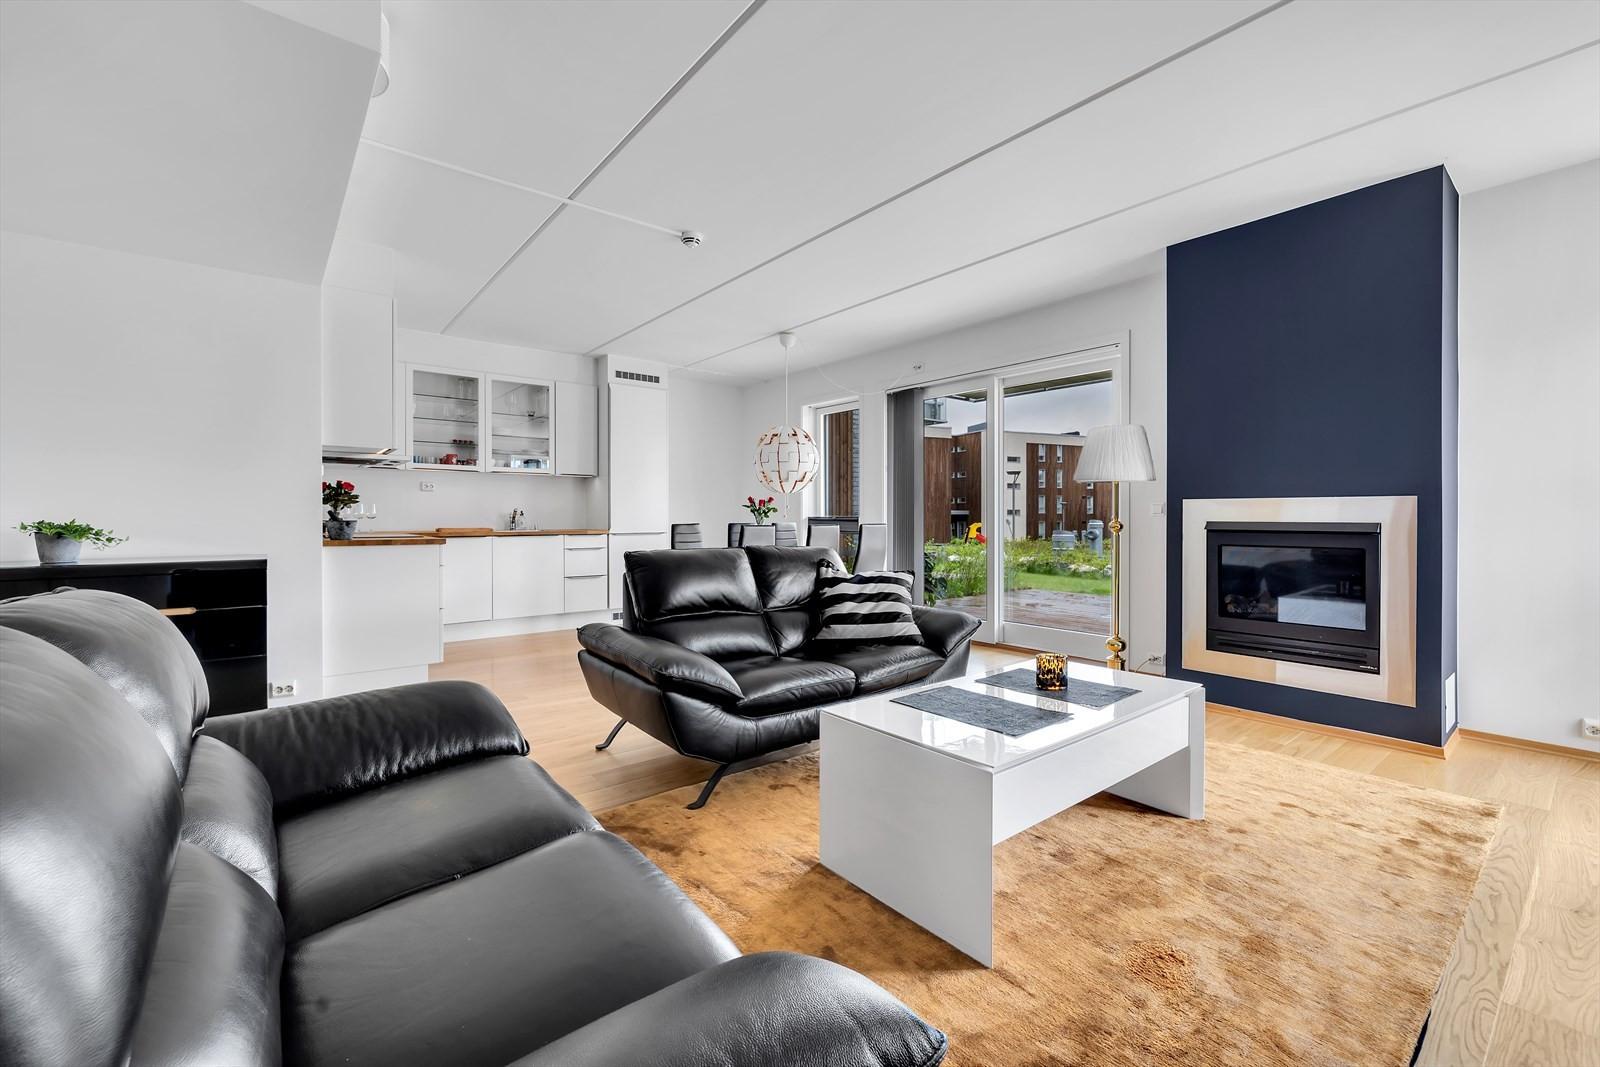 Opprinnelig 3 roms som ble gjort om til stor 2 roms leilighet.